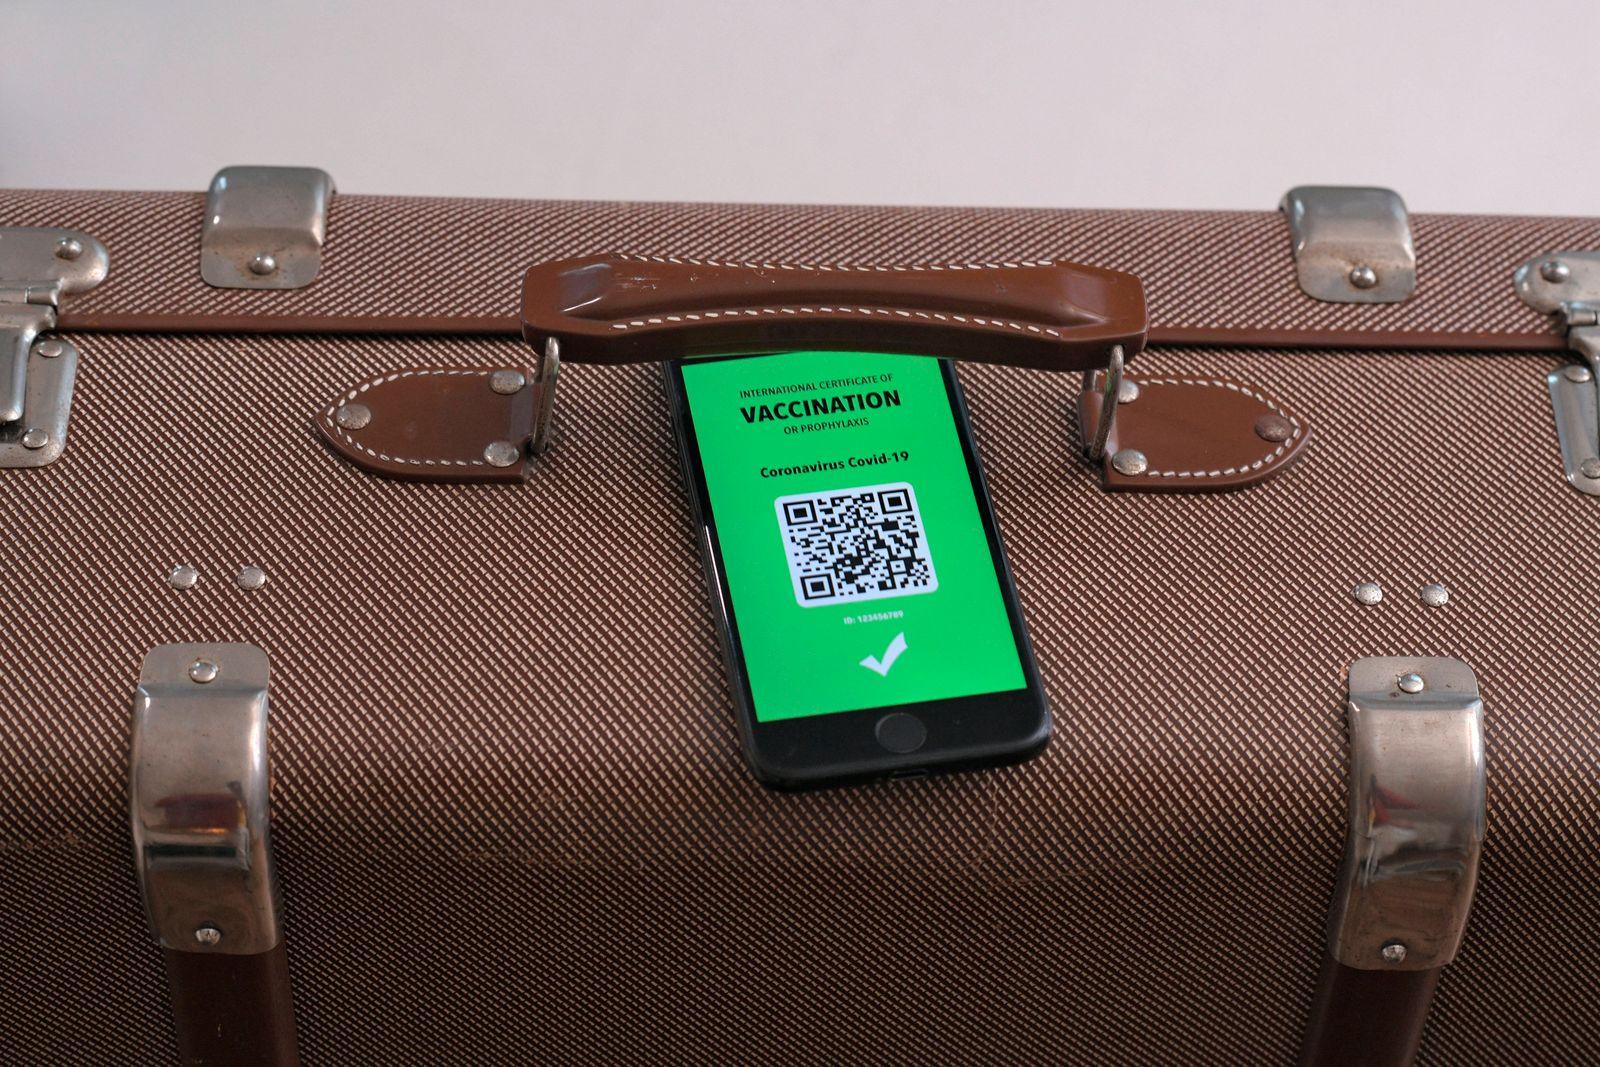 17.03.2021, Symbolbild, Impfung. Ein imagin?rer Impfpass in digitaler Form auf dem Smartphone iPhone auf einem Reisekoff